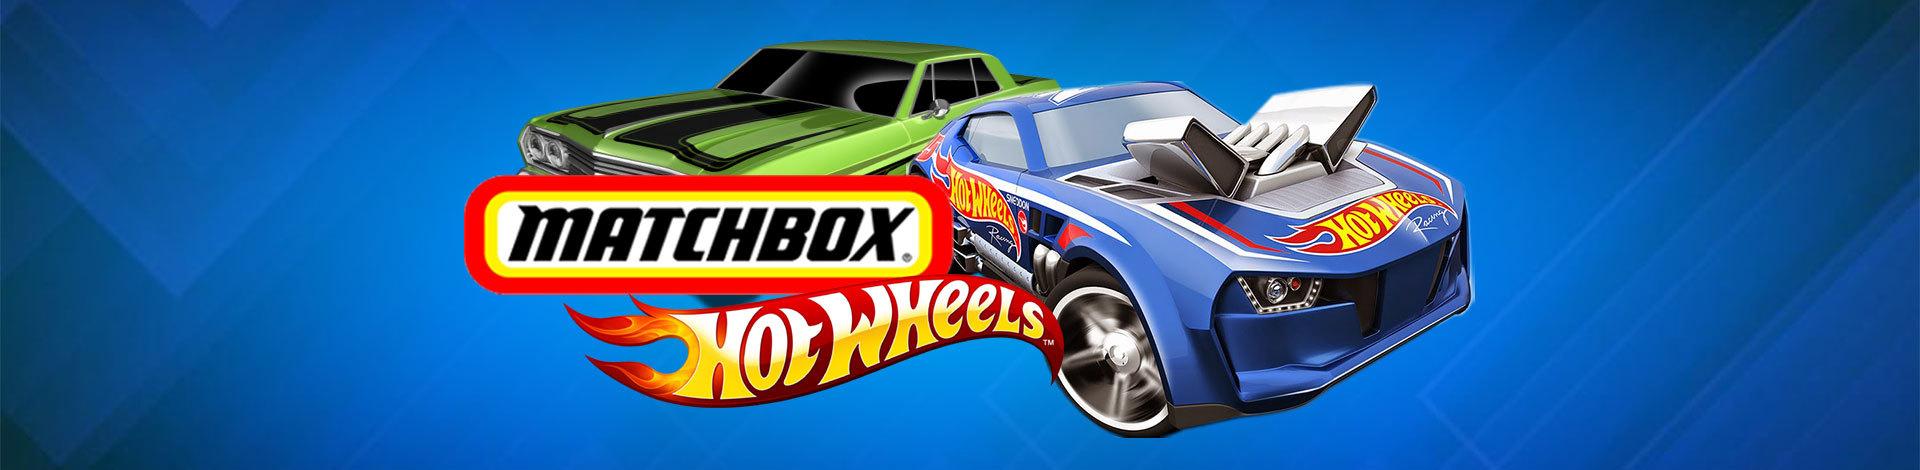 Hotwheels And Matchbox